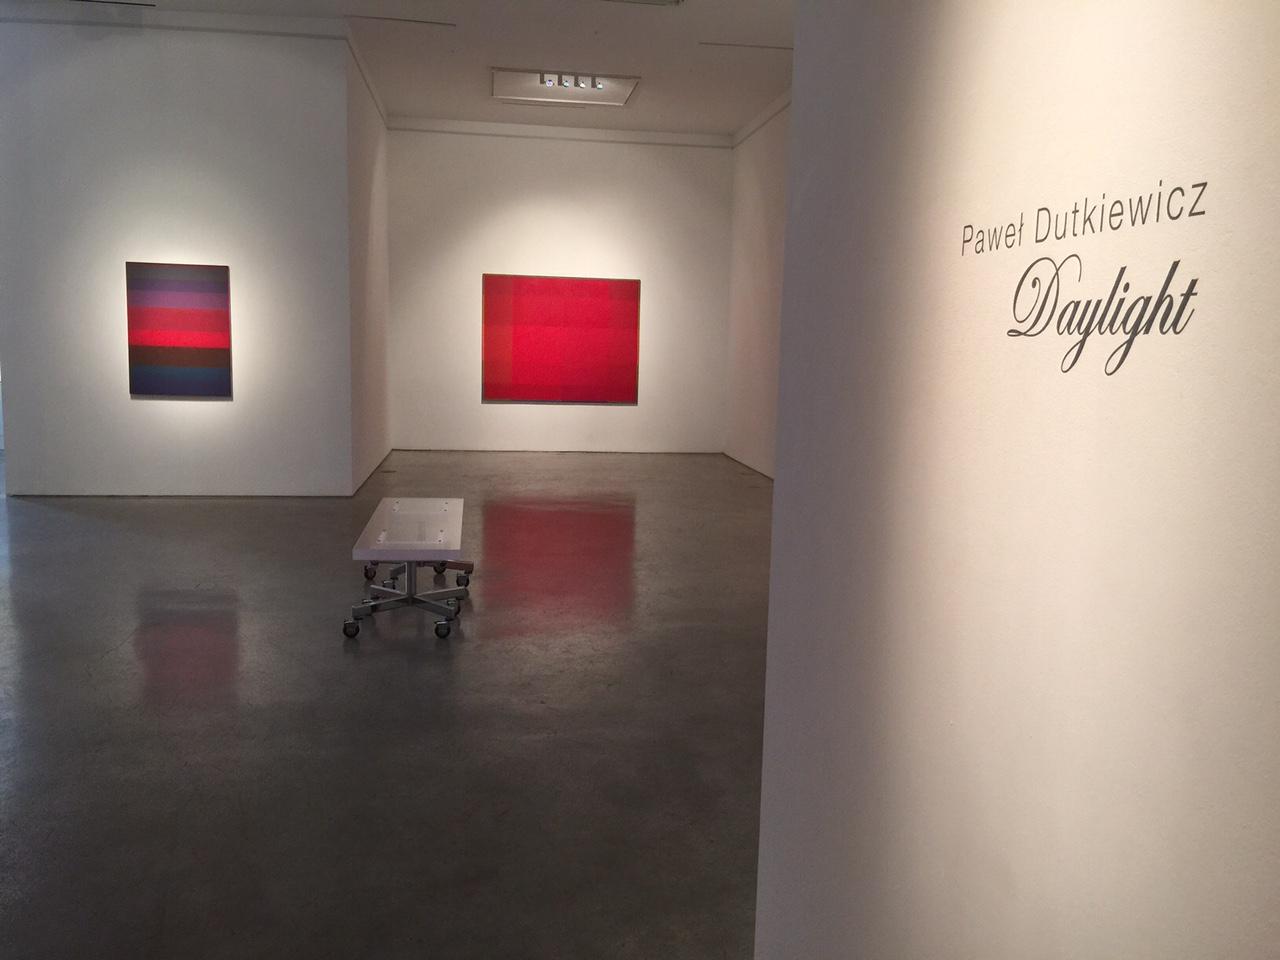 Wystawa dr Pawła Dutkiewicza w Anya Tish Gallery (Houston)